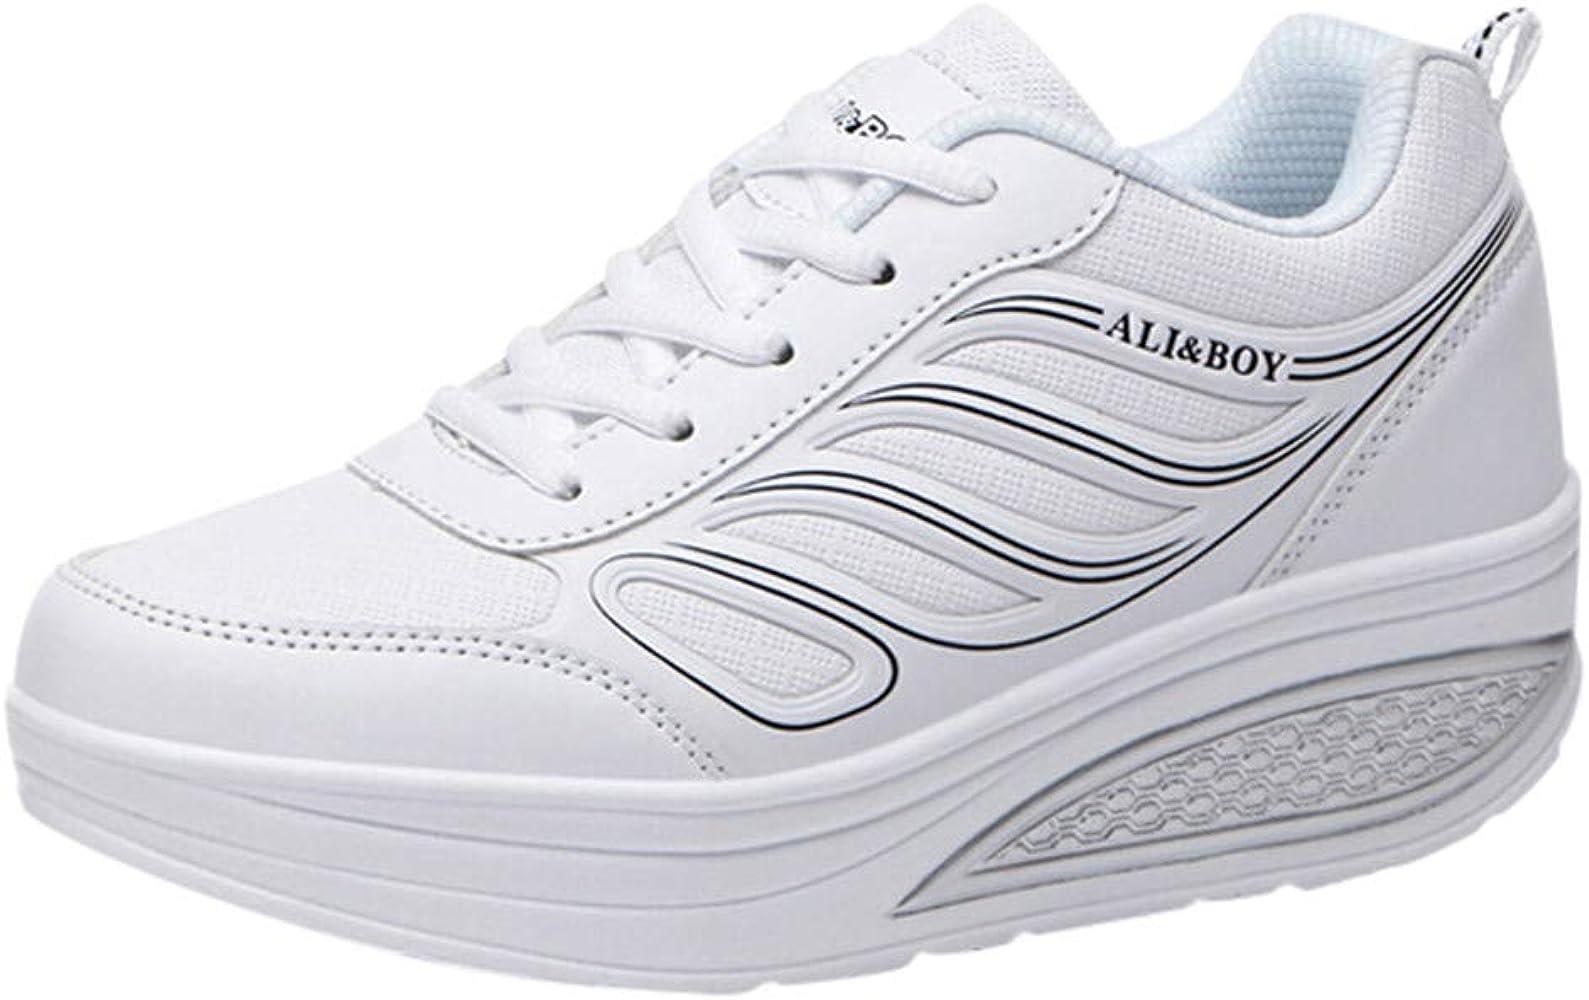 Zapatillas Deportivas de Mujer Blancas YiYLunneo Zapatos Parejas ...